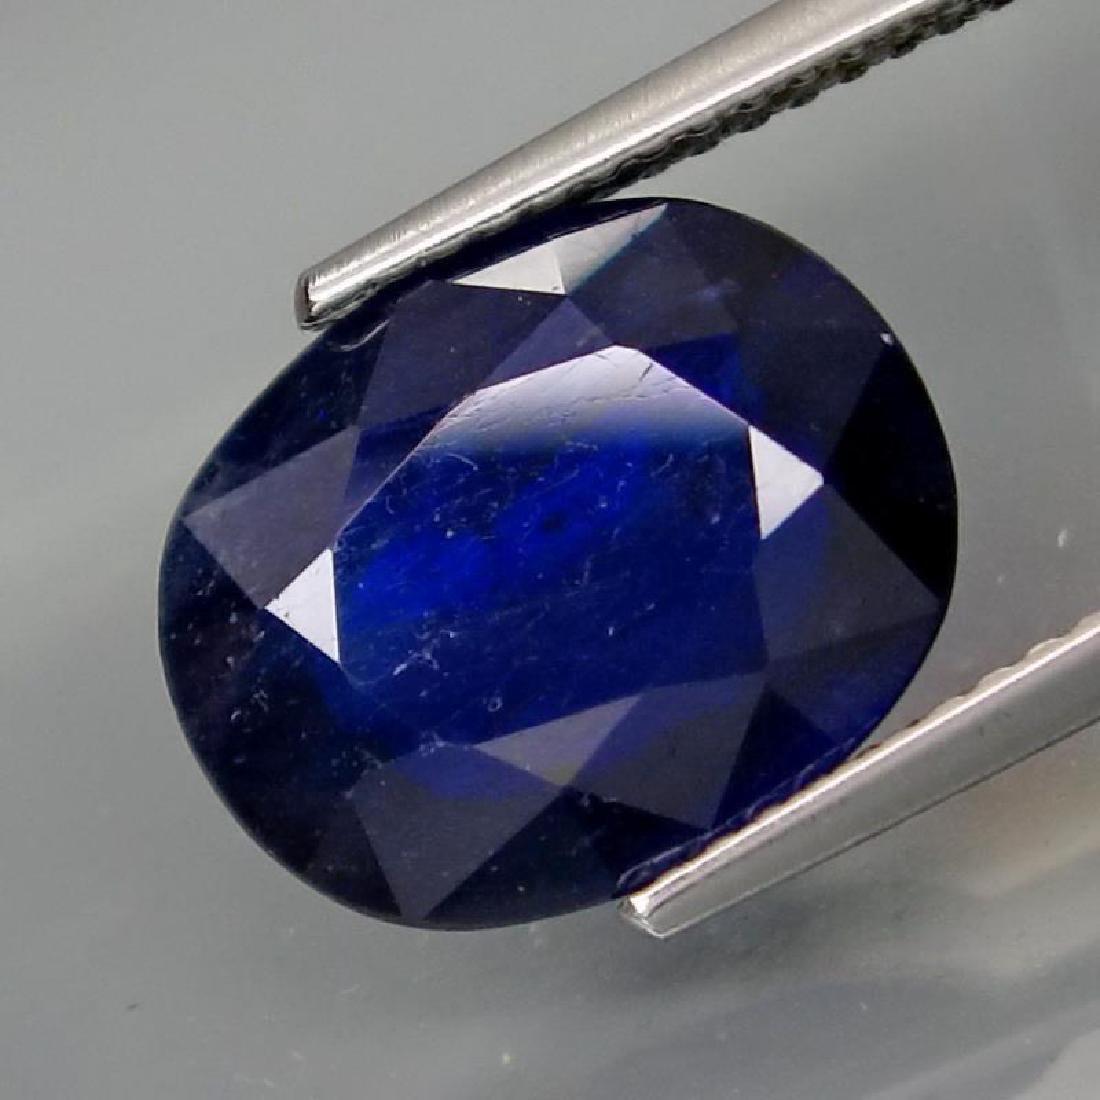 5.30 Carat Composite Loose Sapphire